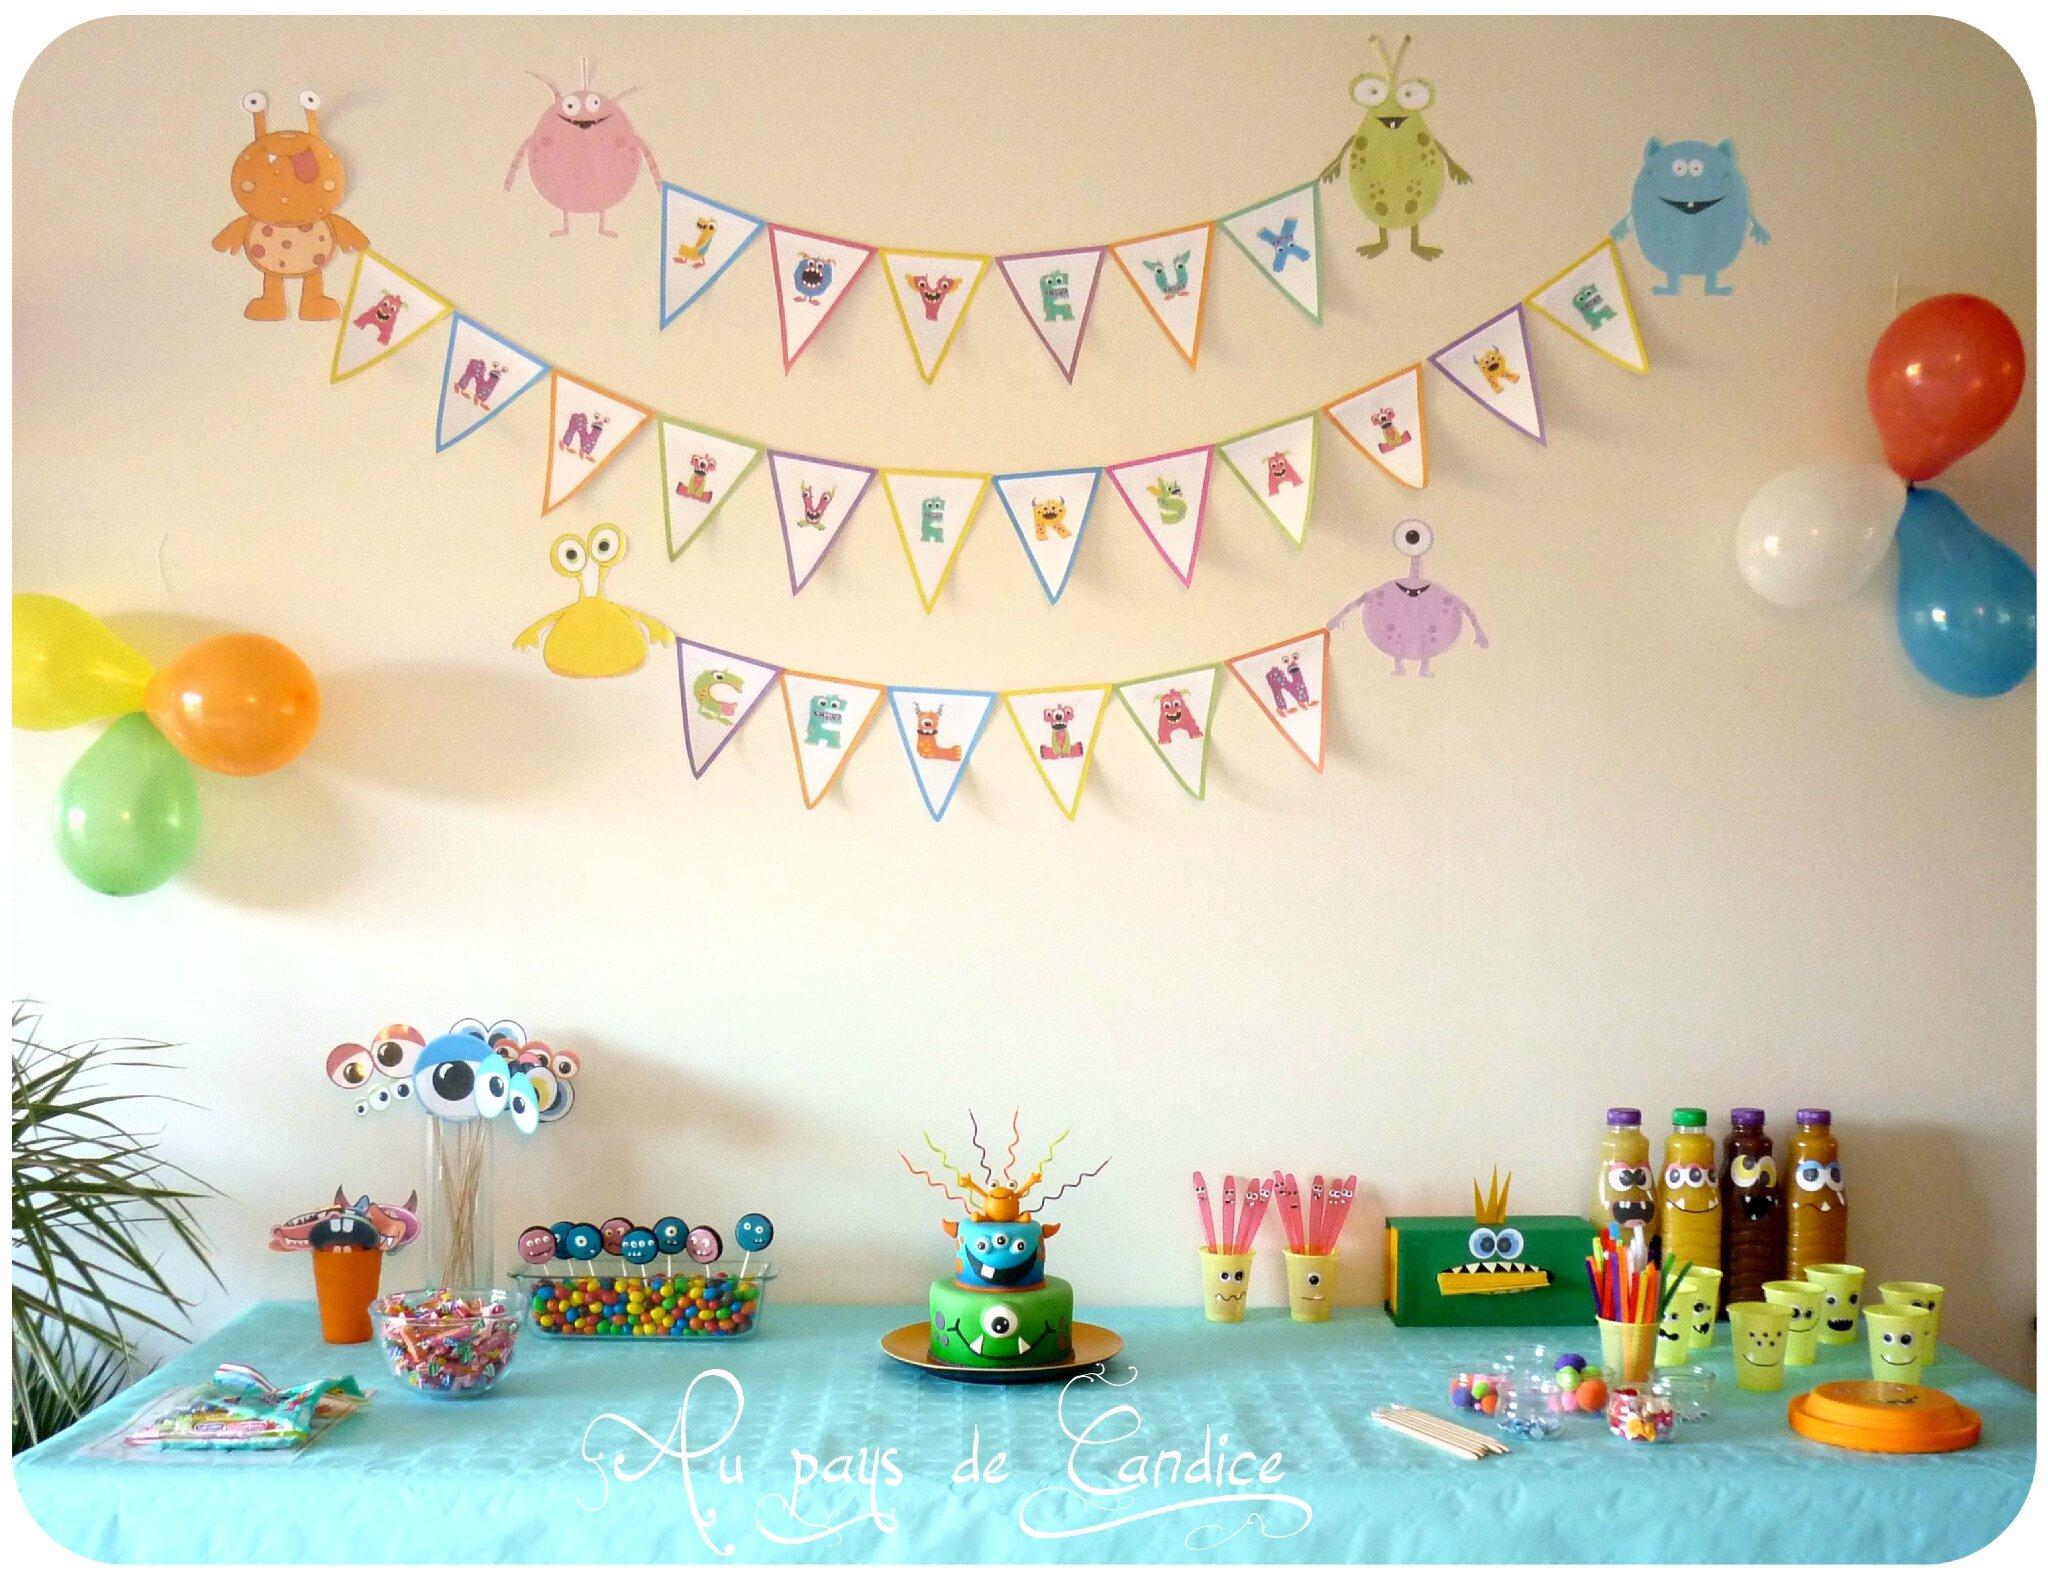 D coration et jeux pour un anniversaire monstres rigolos au pays de candice - Jeux de decoration de gateau ...